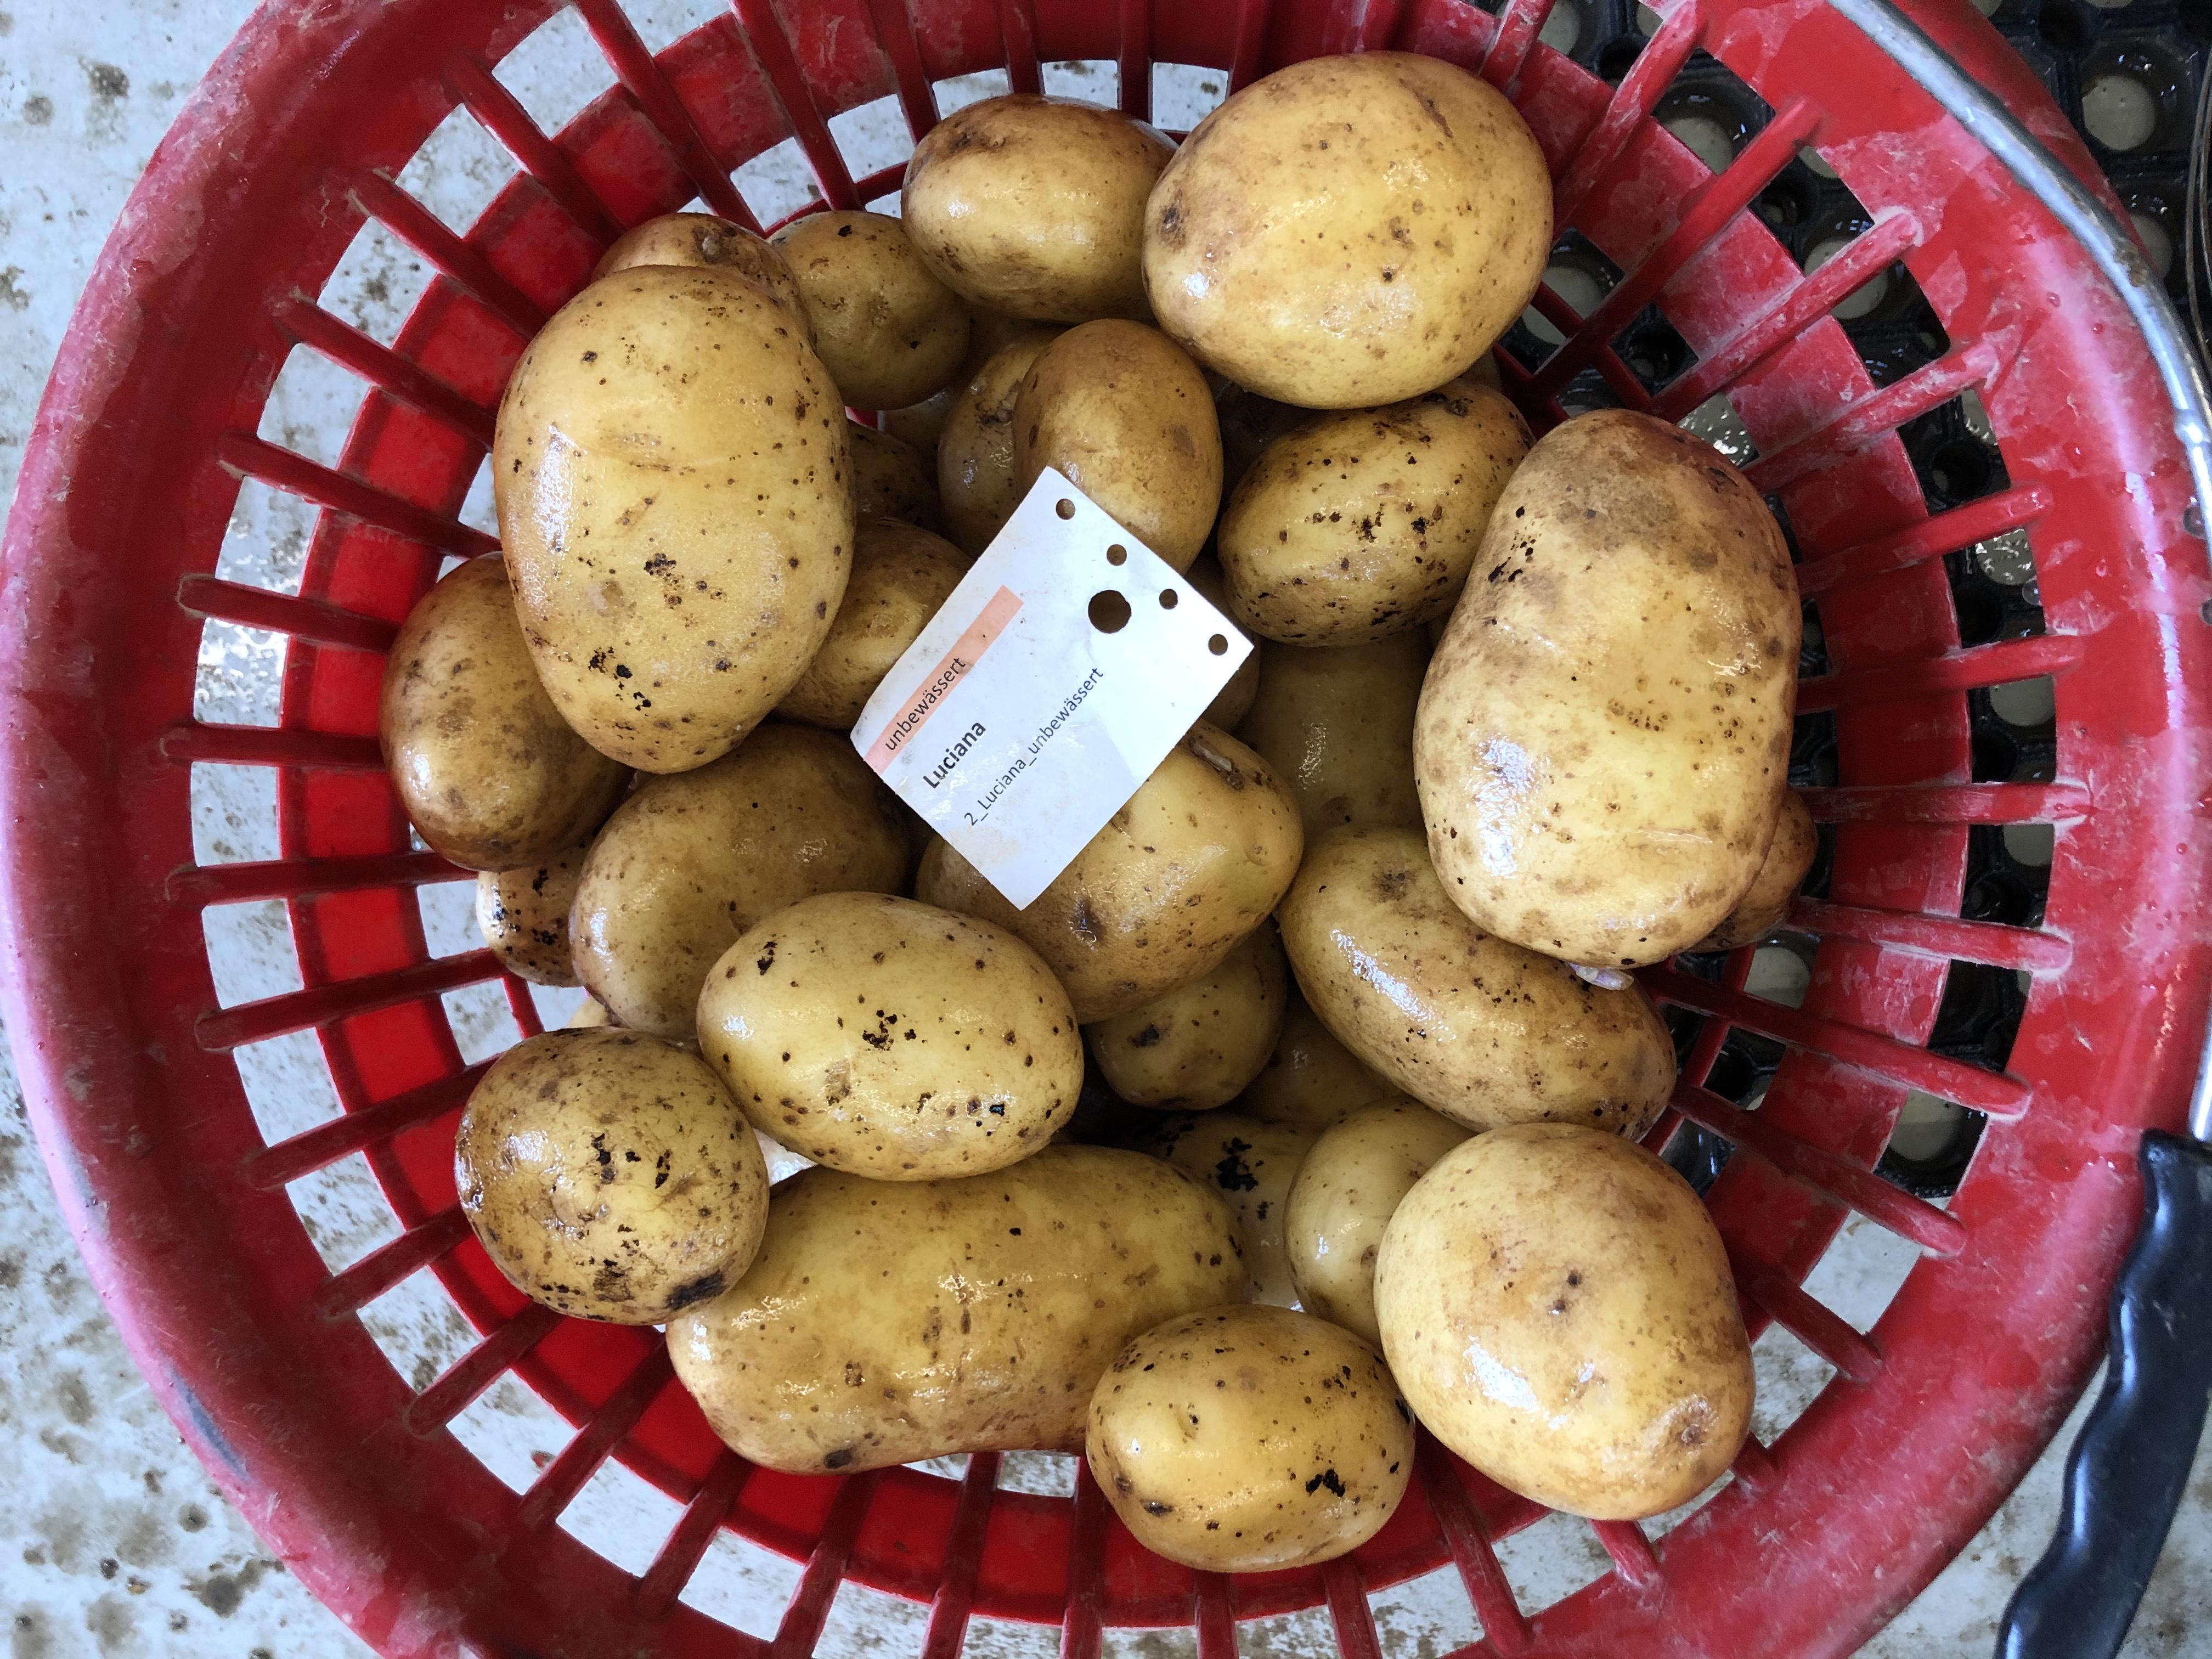 Waschprobe Sorte Luciana, Sortenversuch Kartoffeln Humlikon 2020